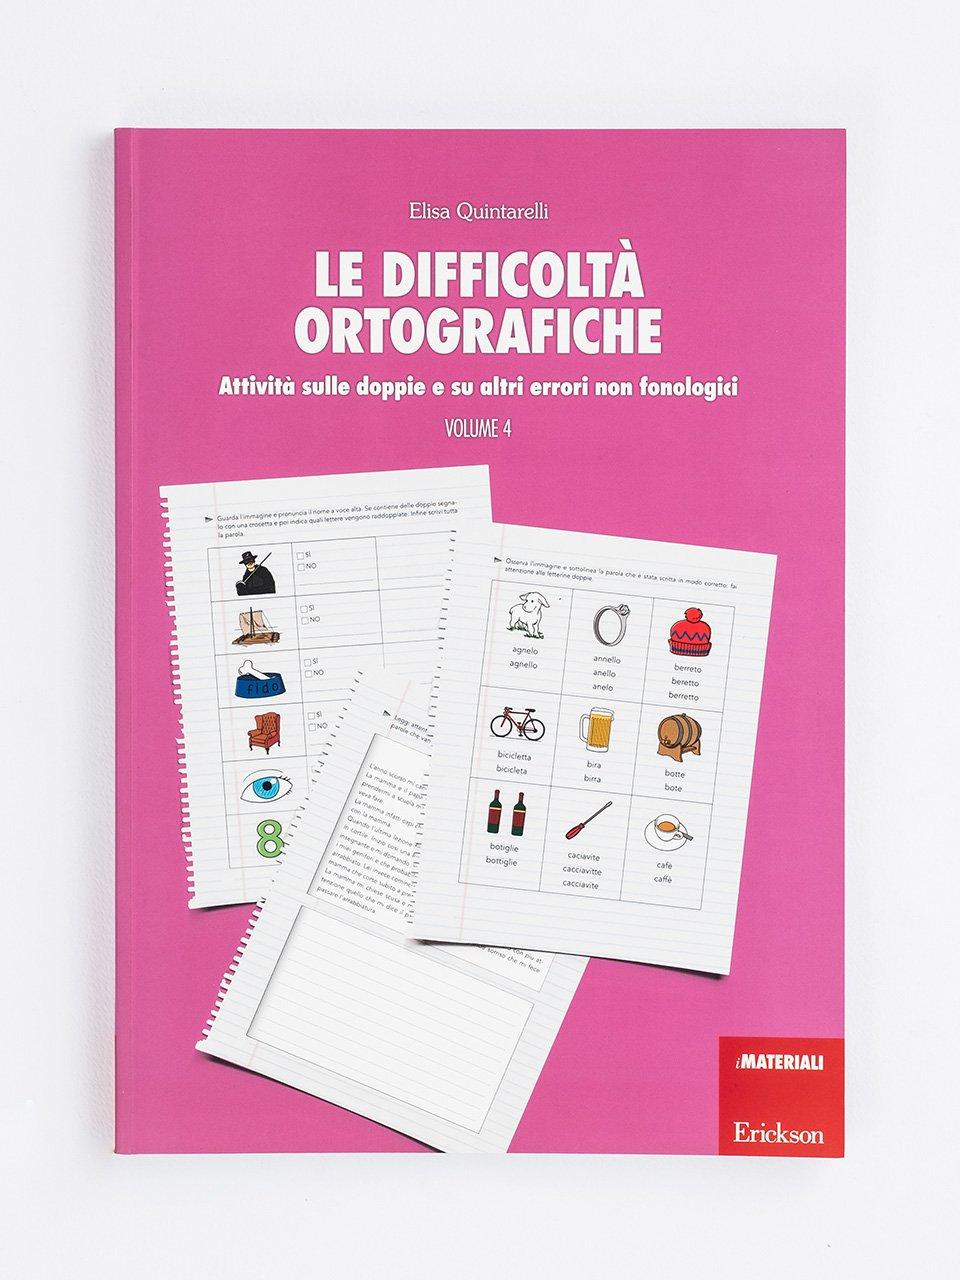 Le difficoltà ortografiche - Volume 4 - Le difficoltà ortografiche - Volume 1 - Libri - App e software - Erickson